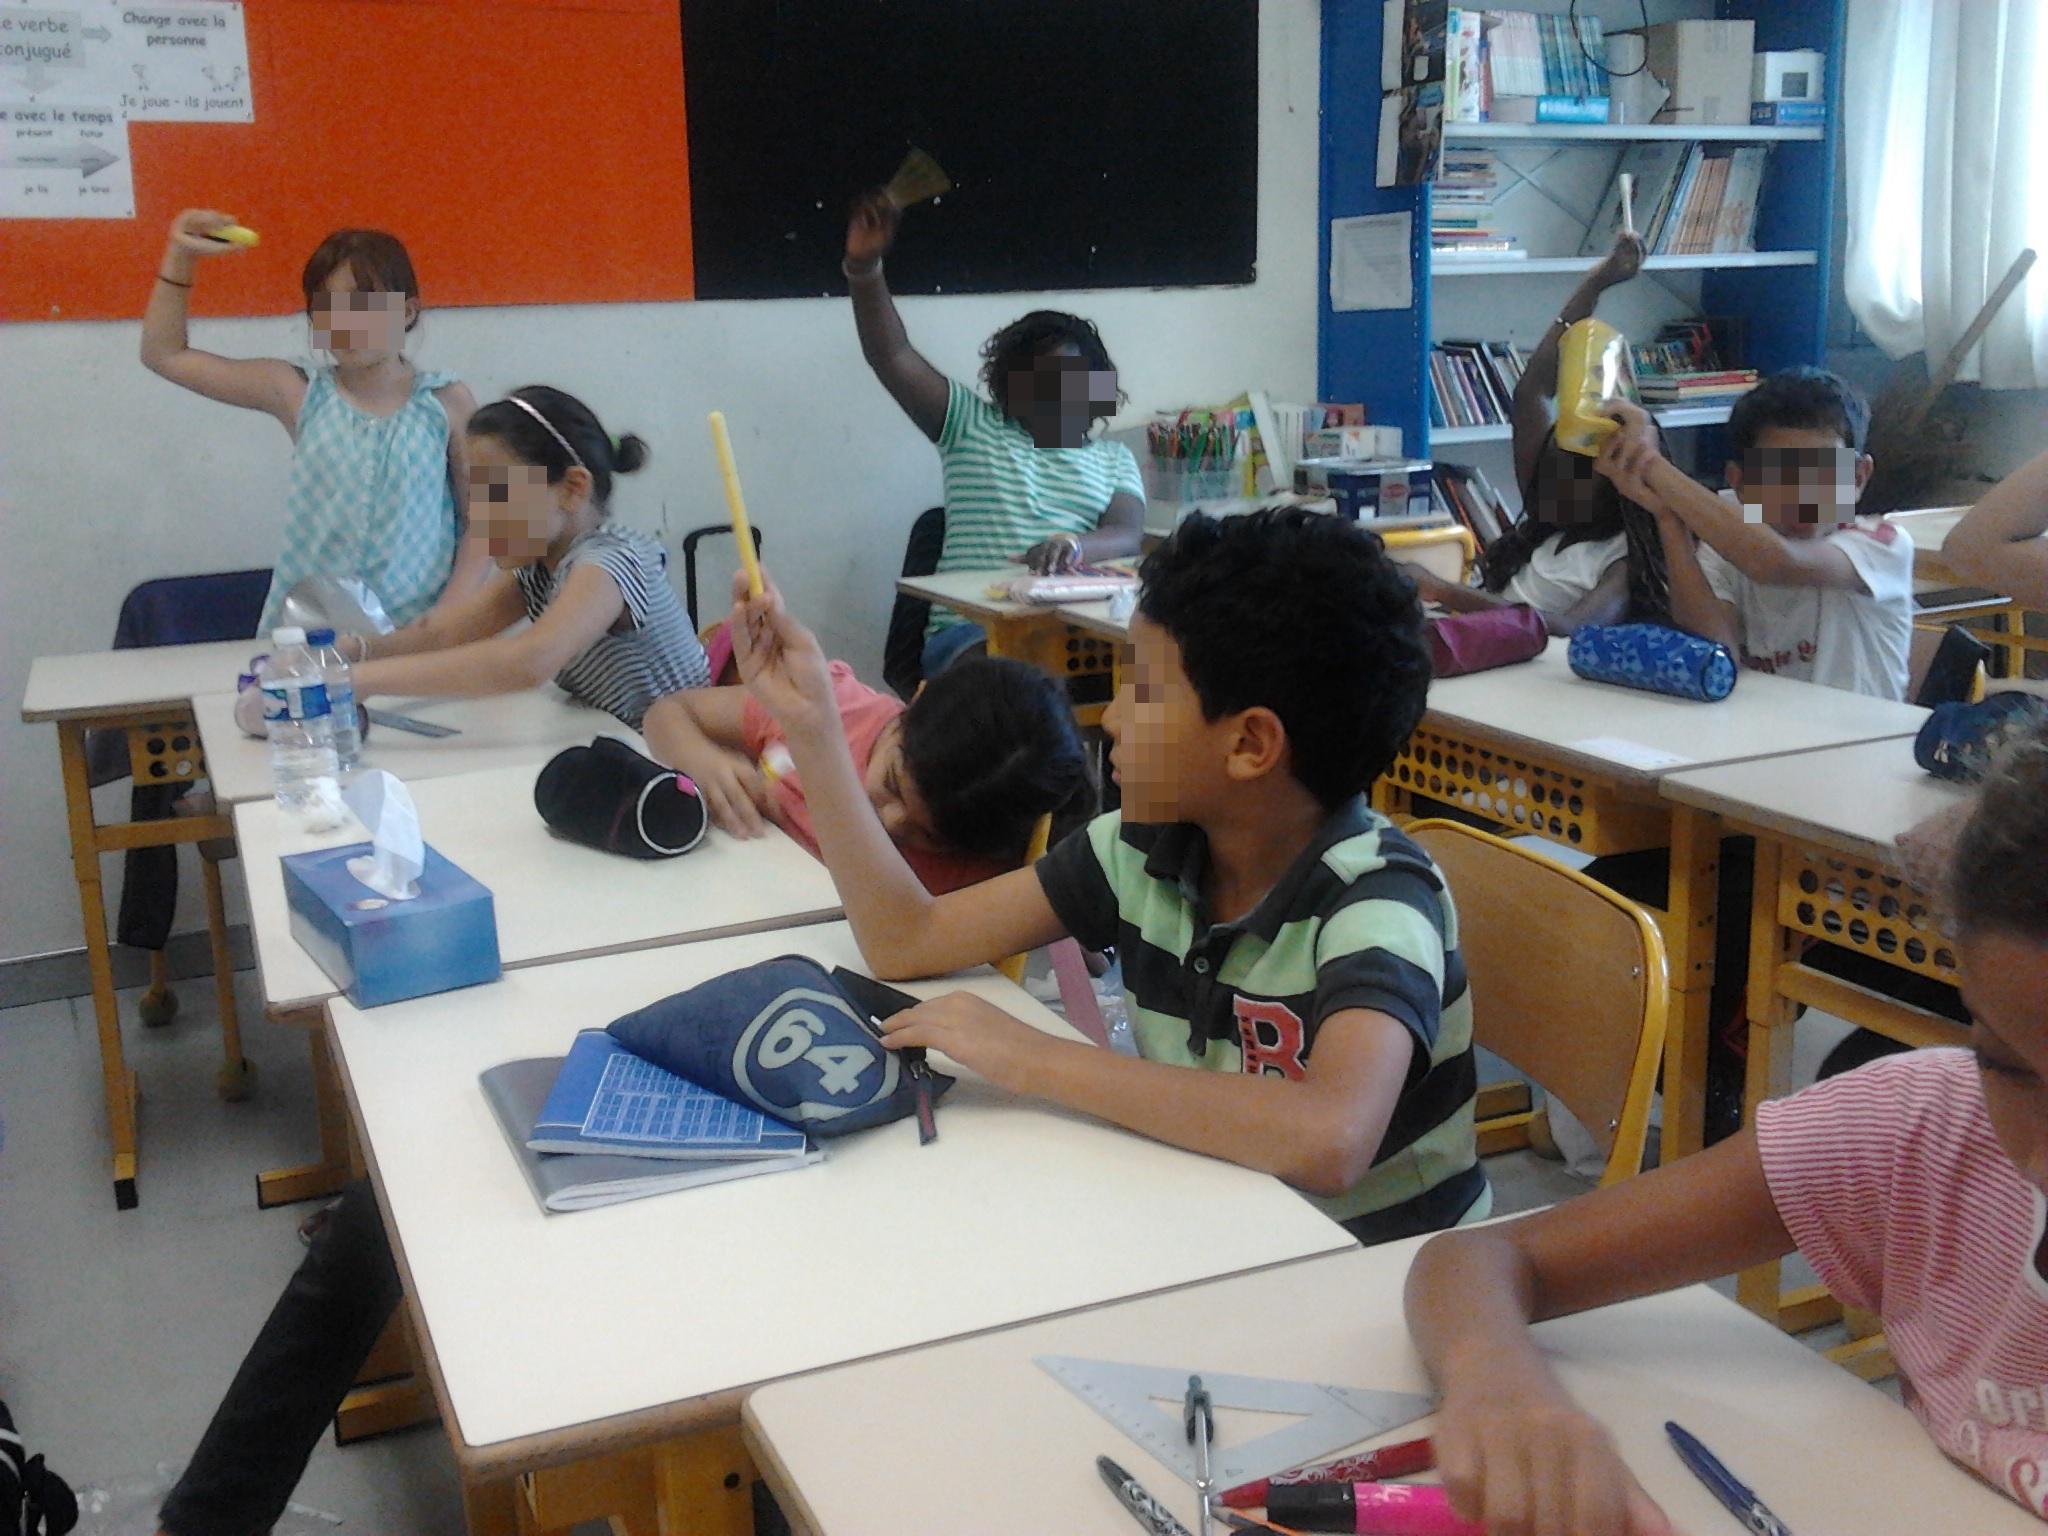 Les élèves votent pour le nom du journal